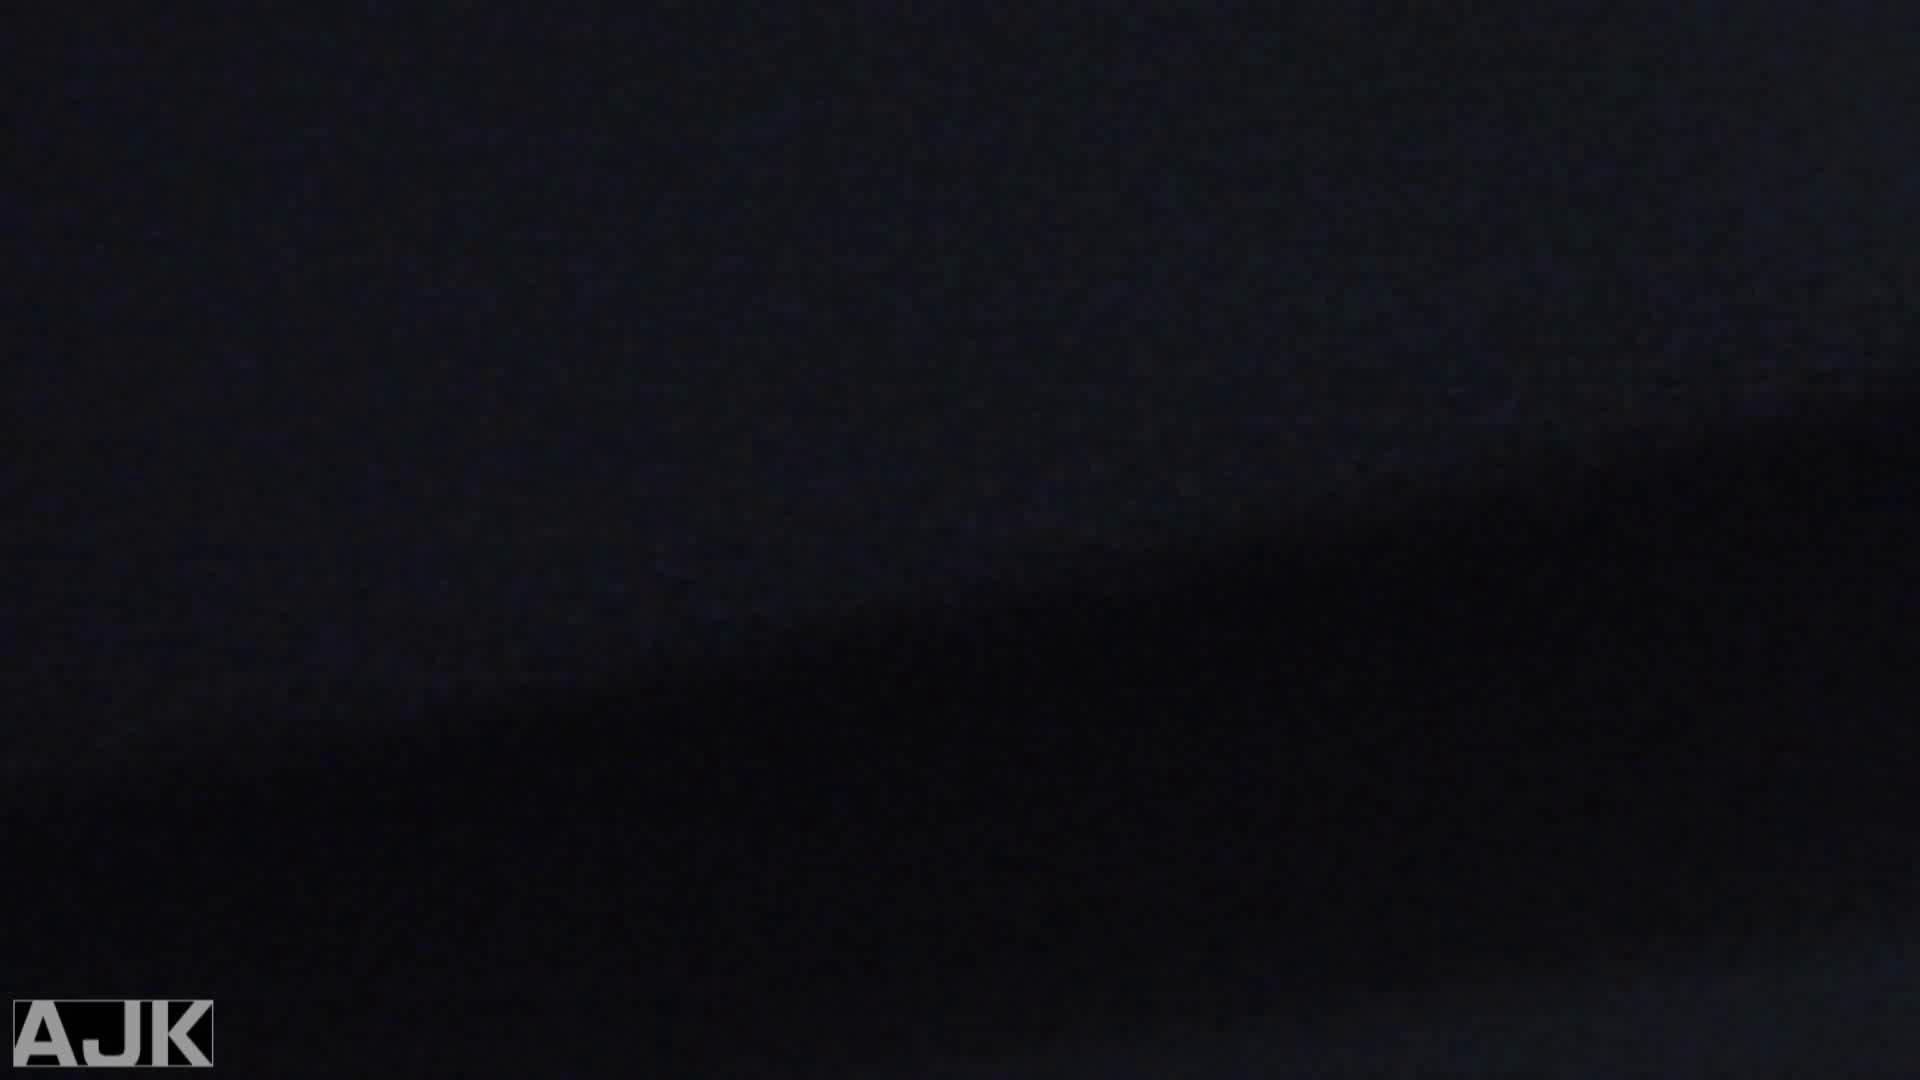 神降臨!史上最強の潜入かわや! vol.21 マンコ AV動画キャプチャ 61連発 54